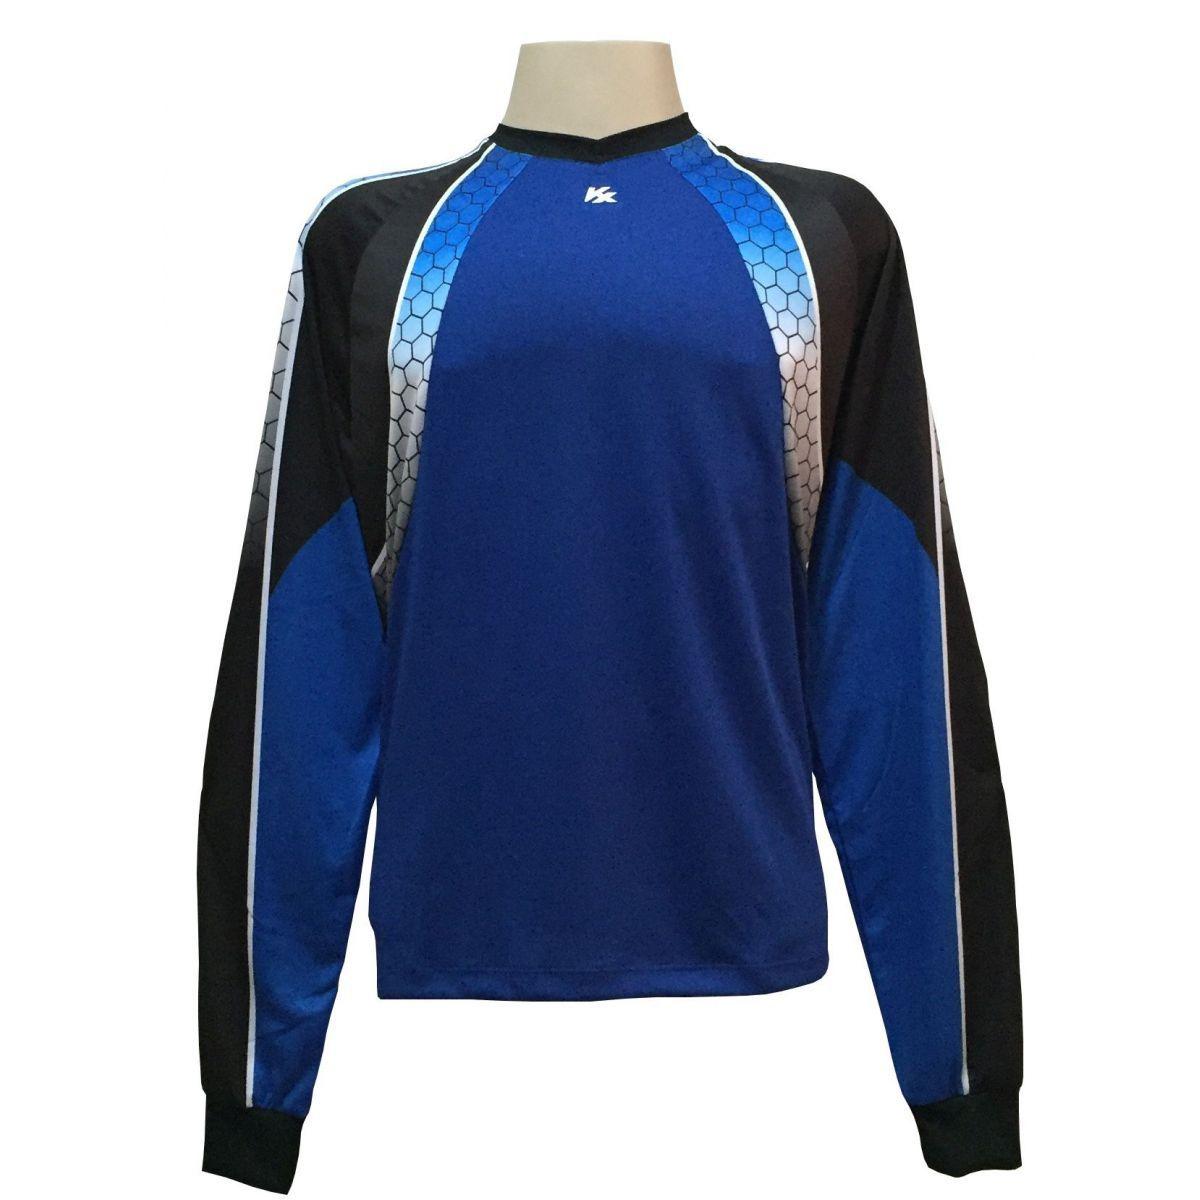 Camisa de Goleiro Profissional modelo Paraí Tam GG Nº 12 Azul Royal/Preto - Kanxa